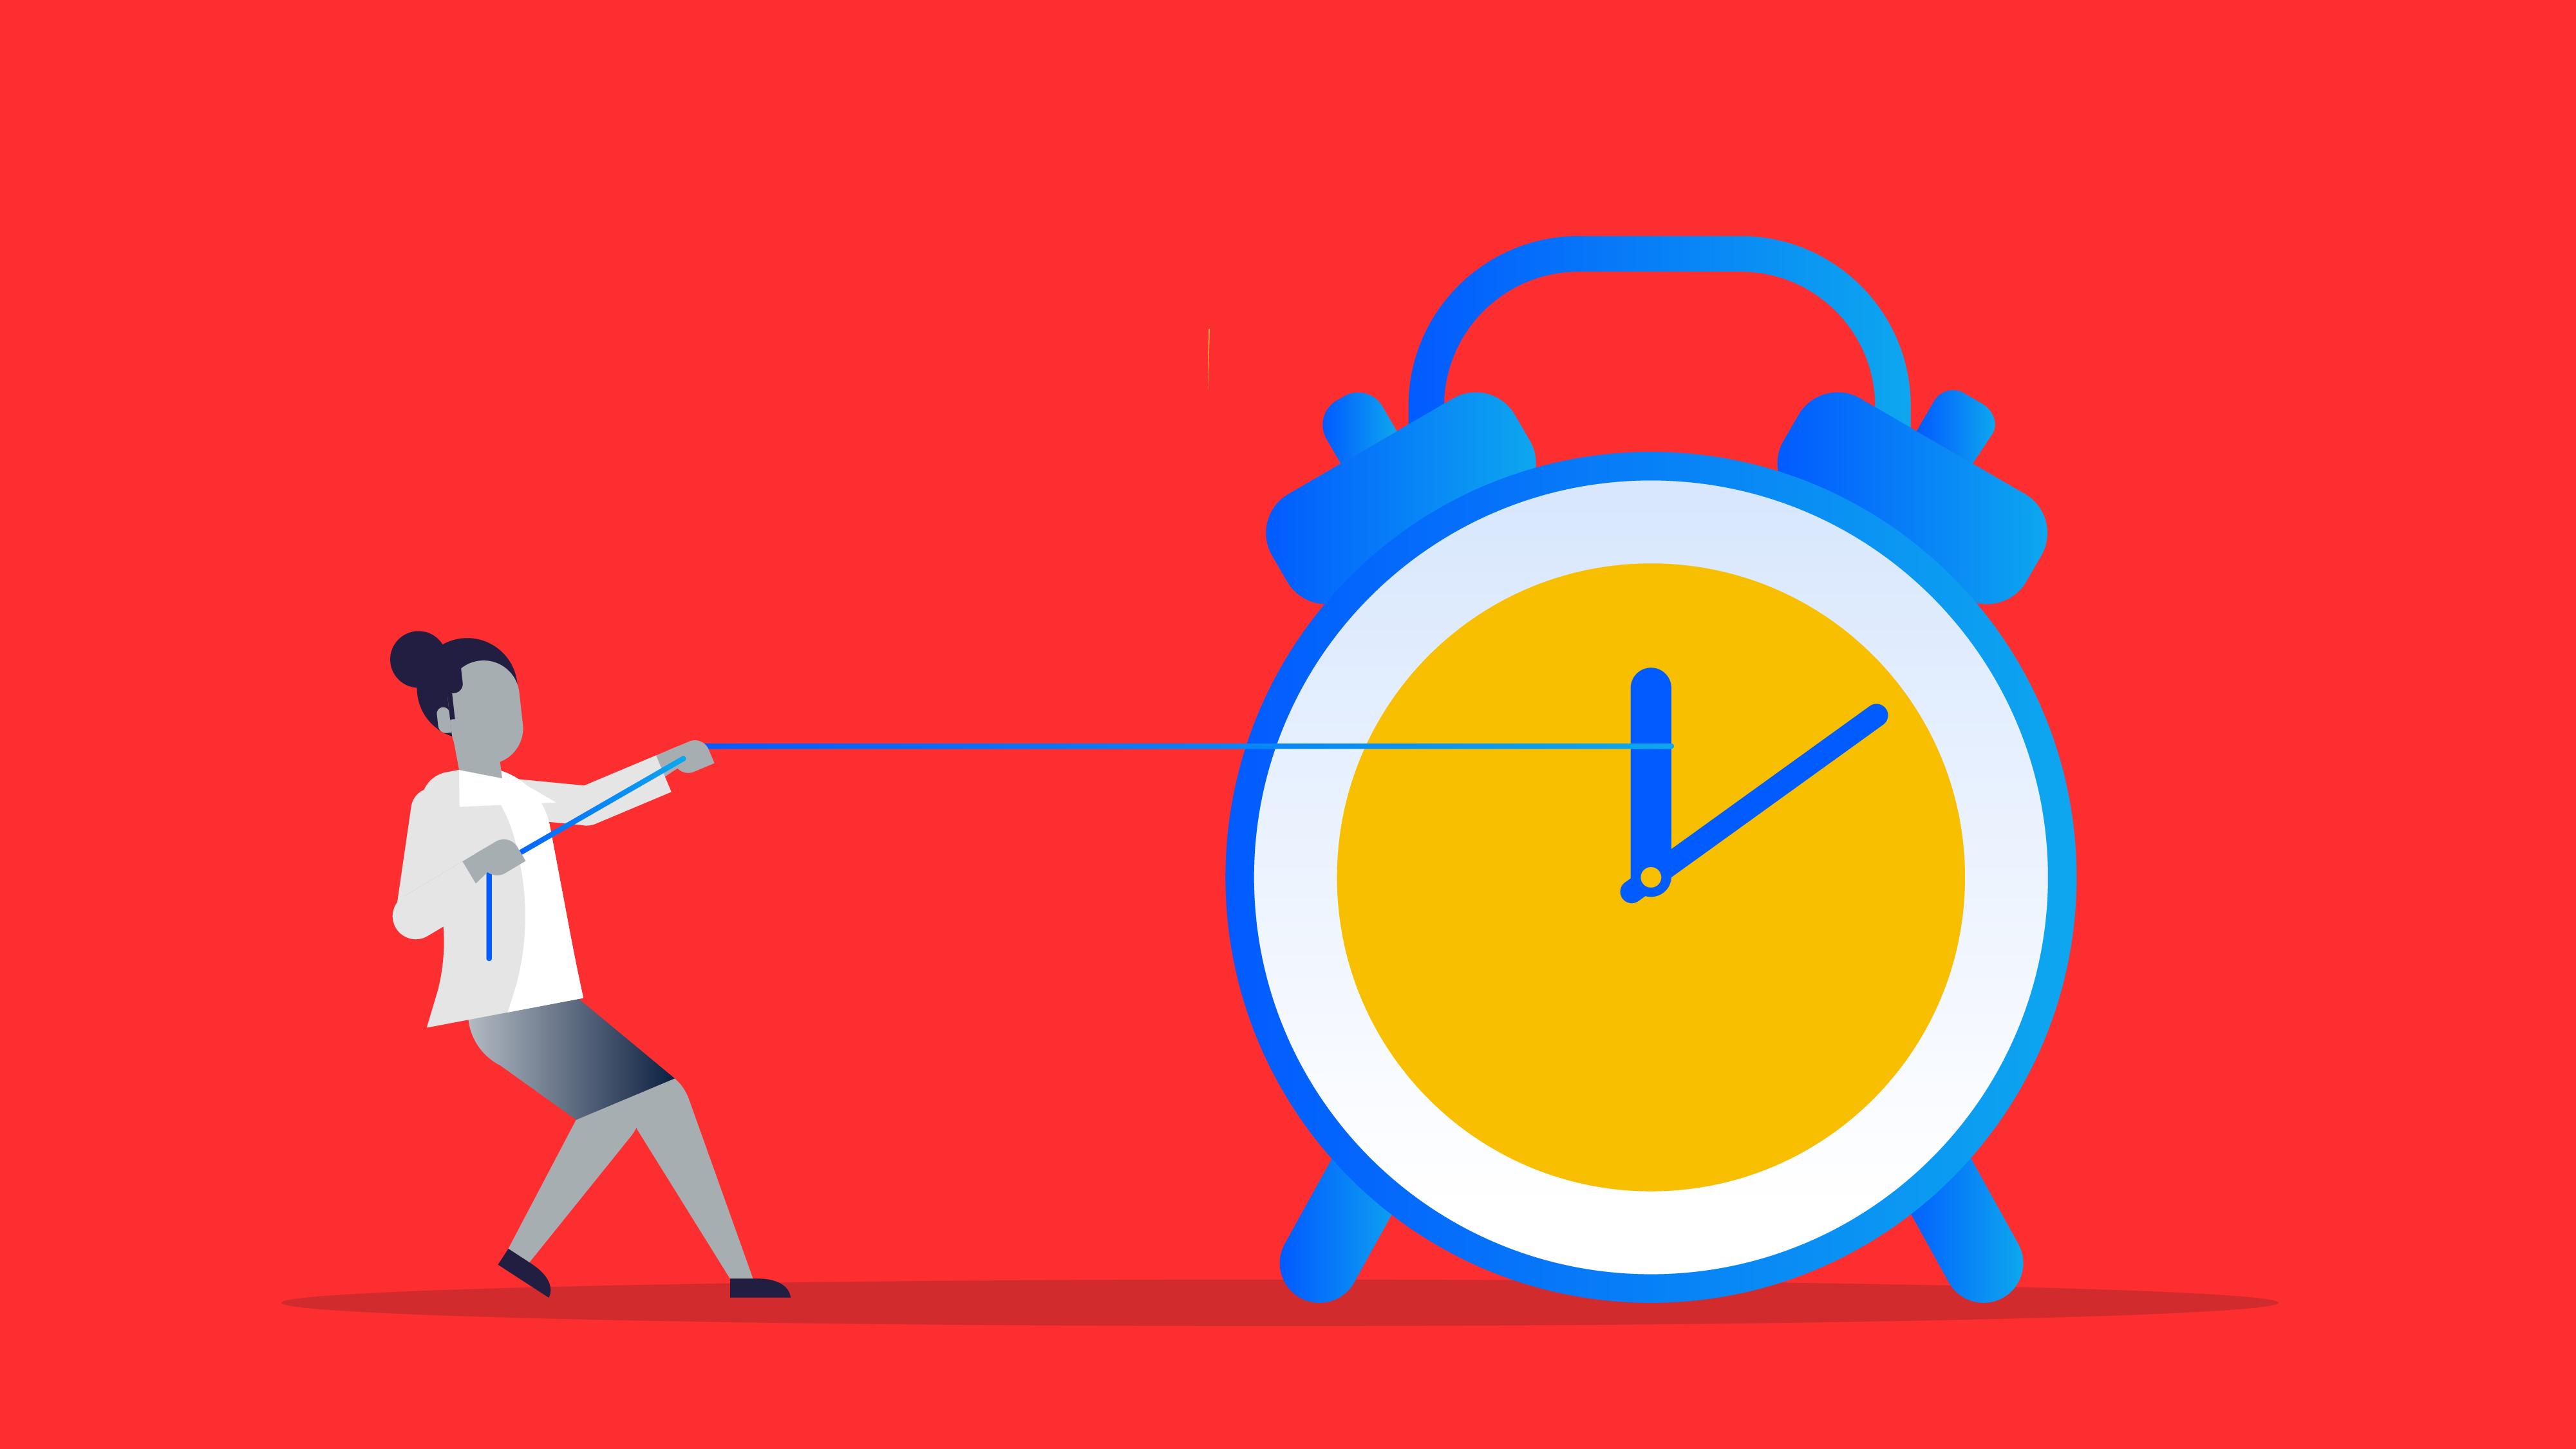 Illustration of business owner pulling back a clock's hands.